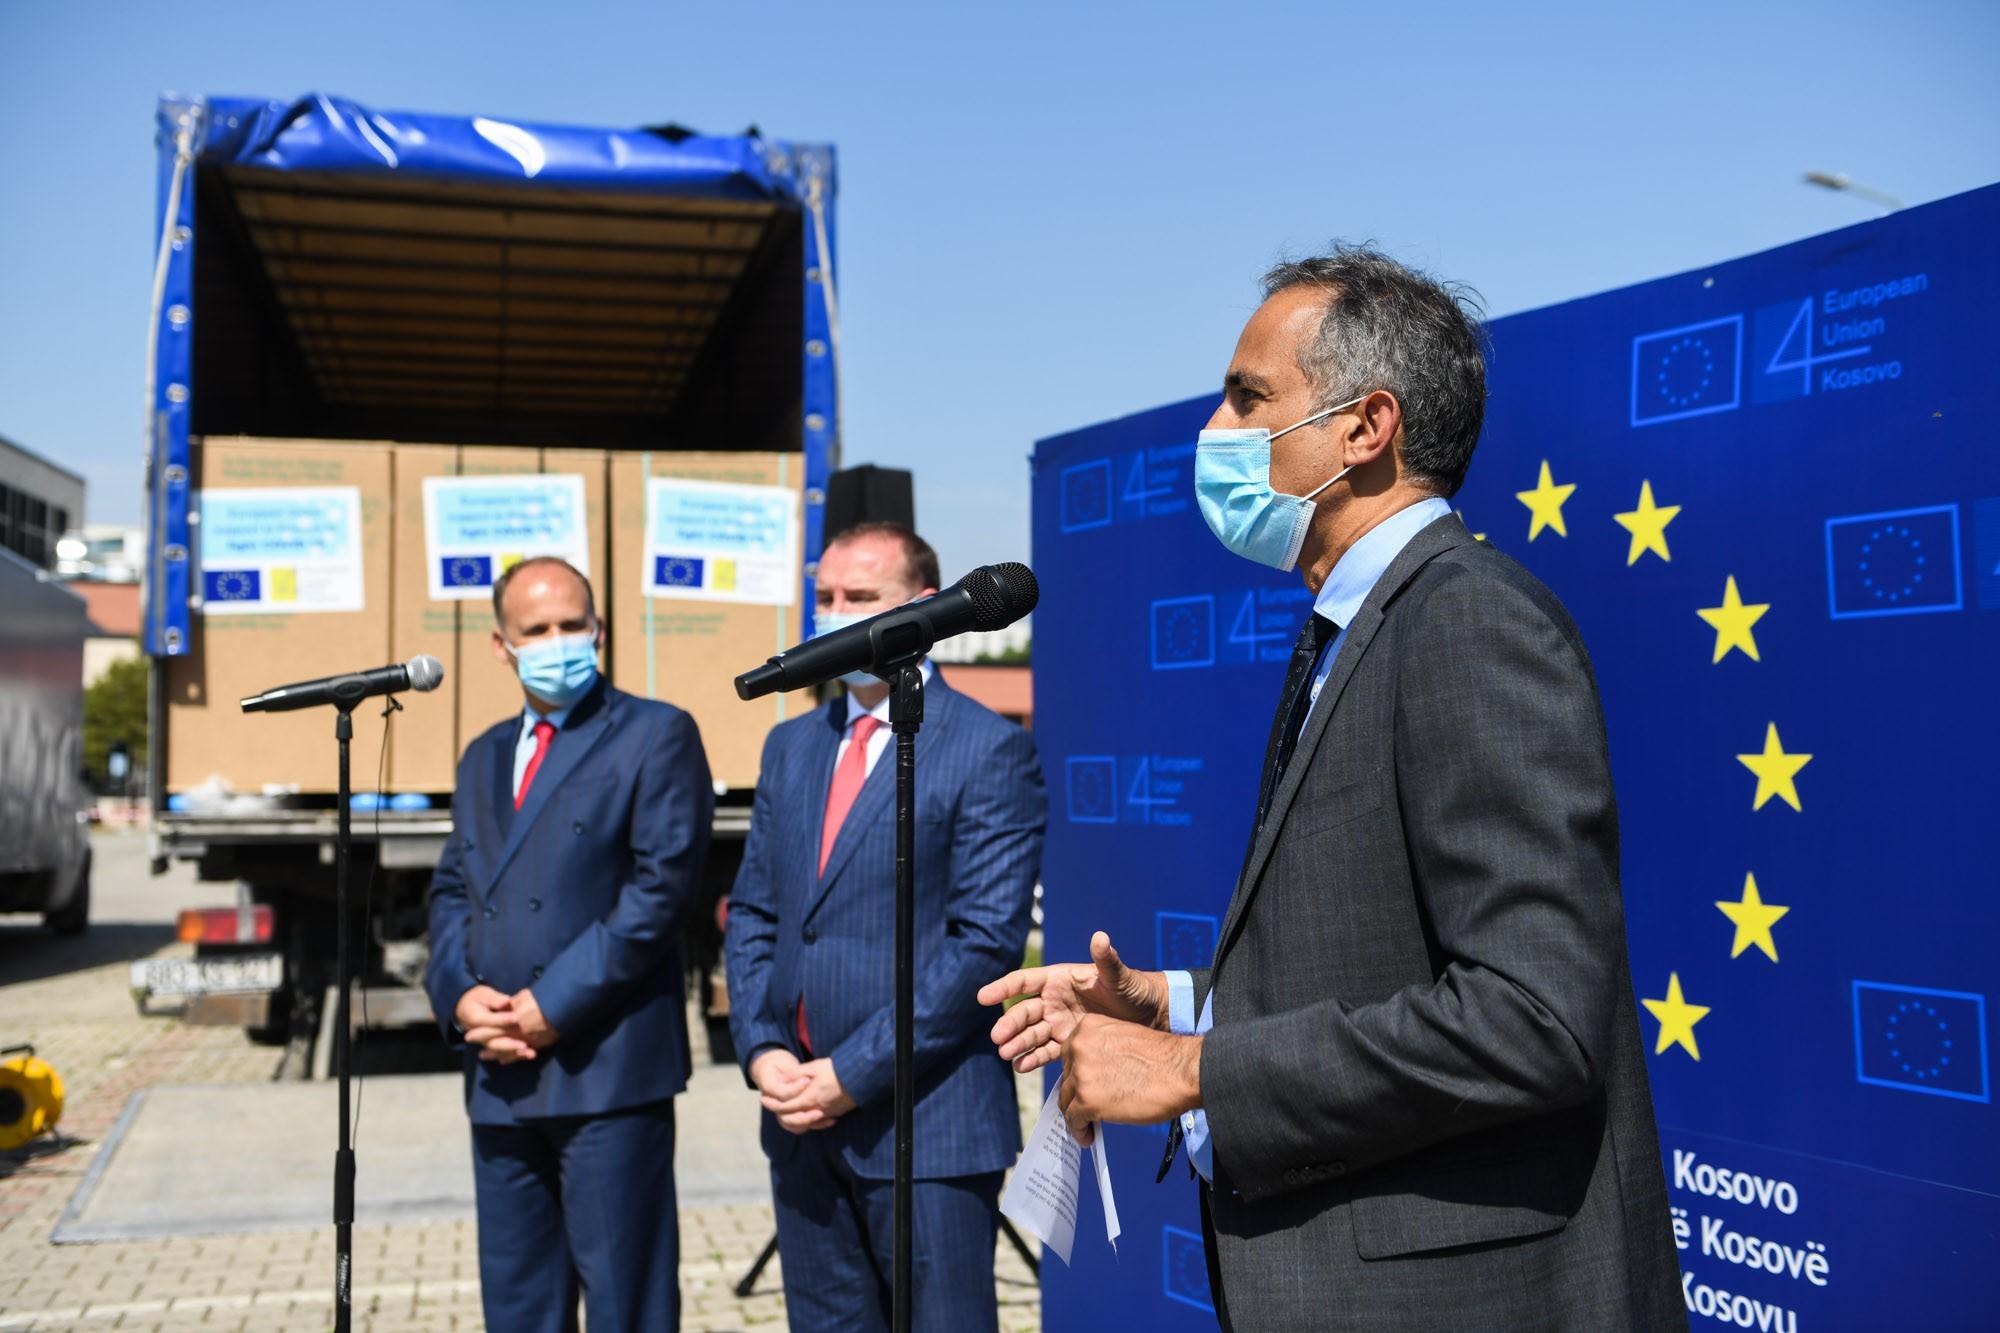 eu-isporucila-pomoc-vrednu-900-hiljada-evra-za-suzbijanje-pandemije-kovida-19-na-kosovu